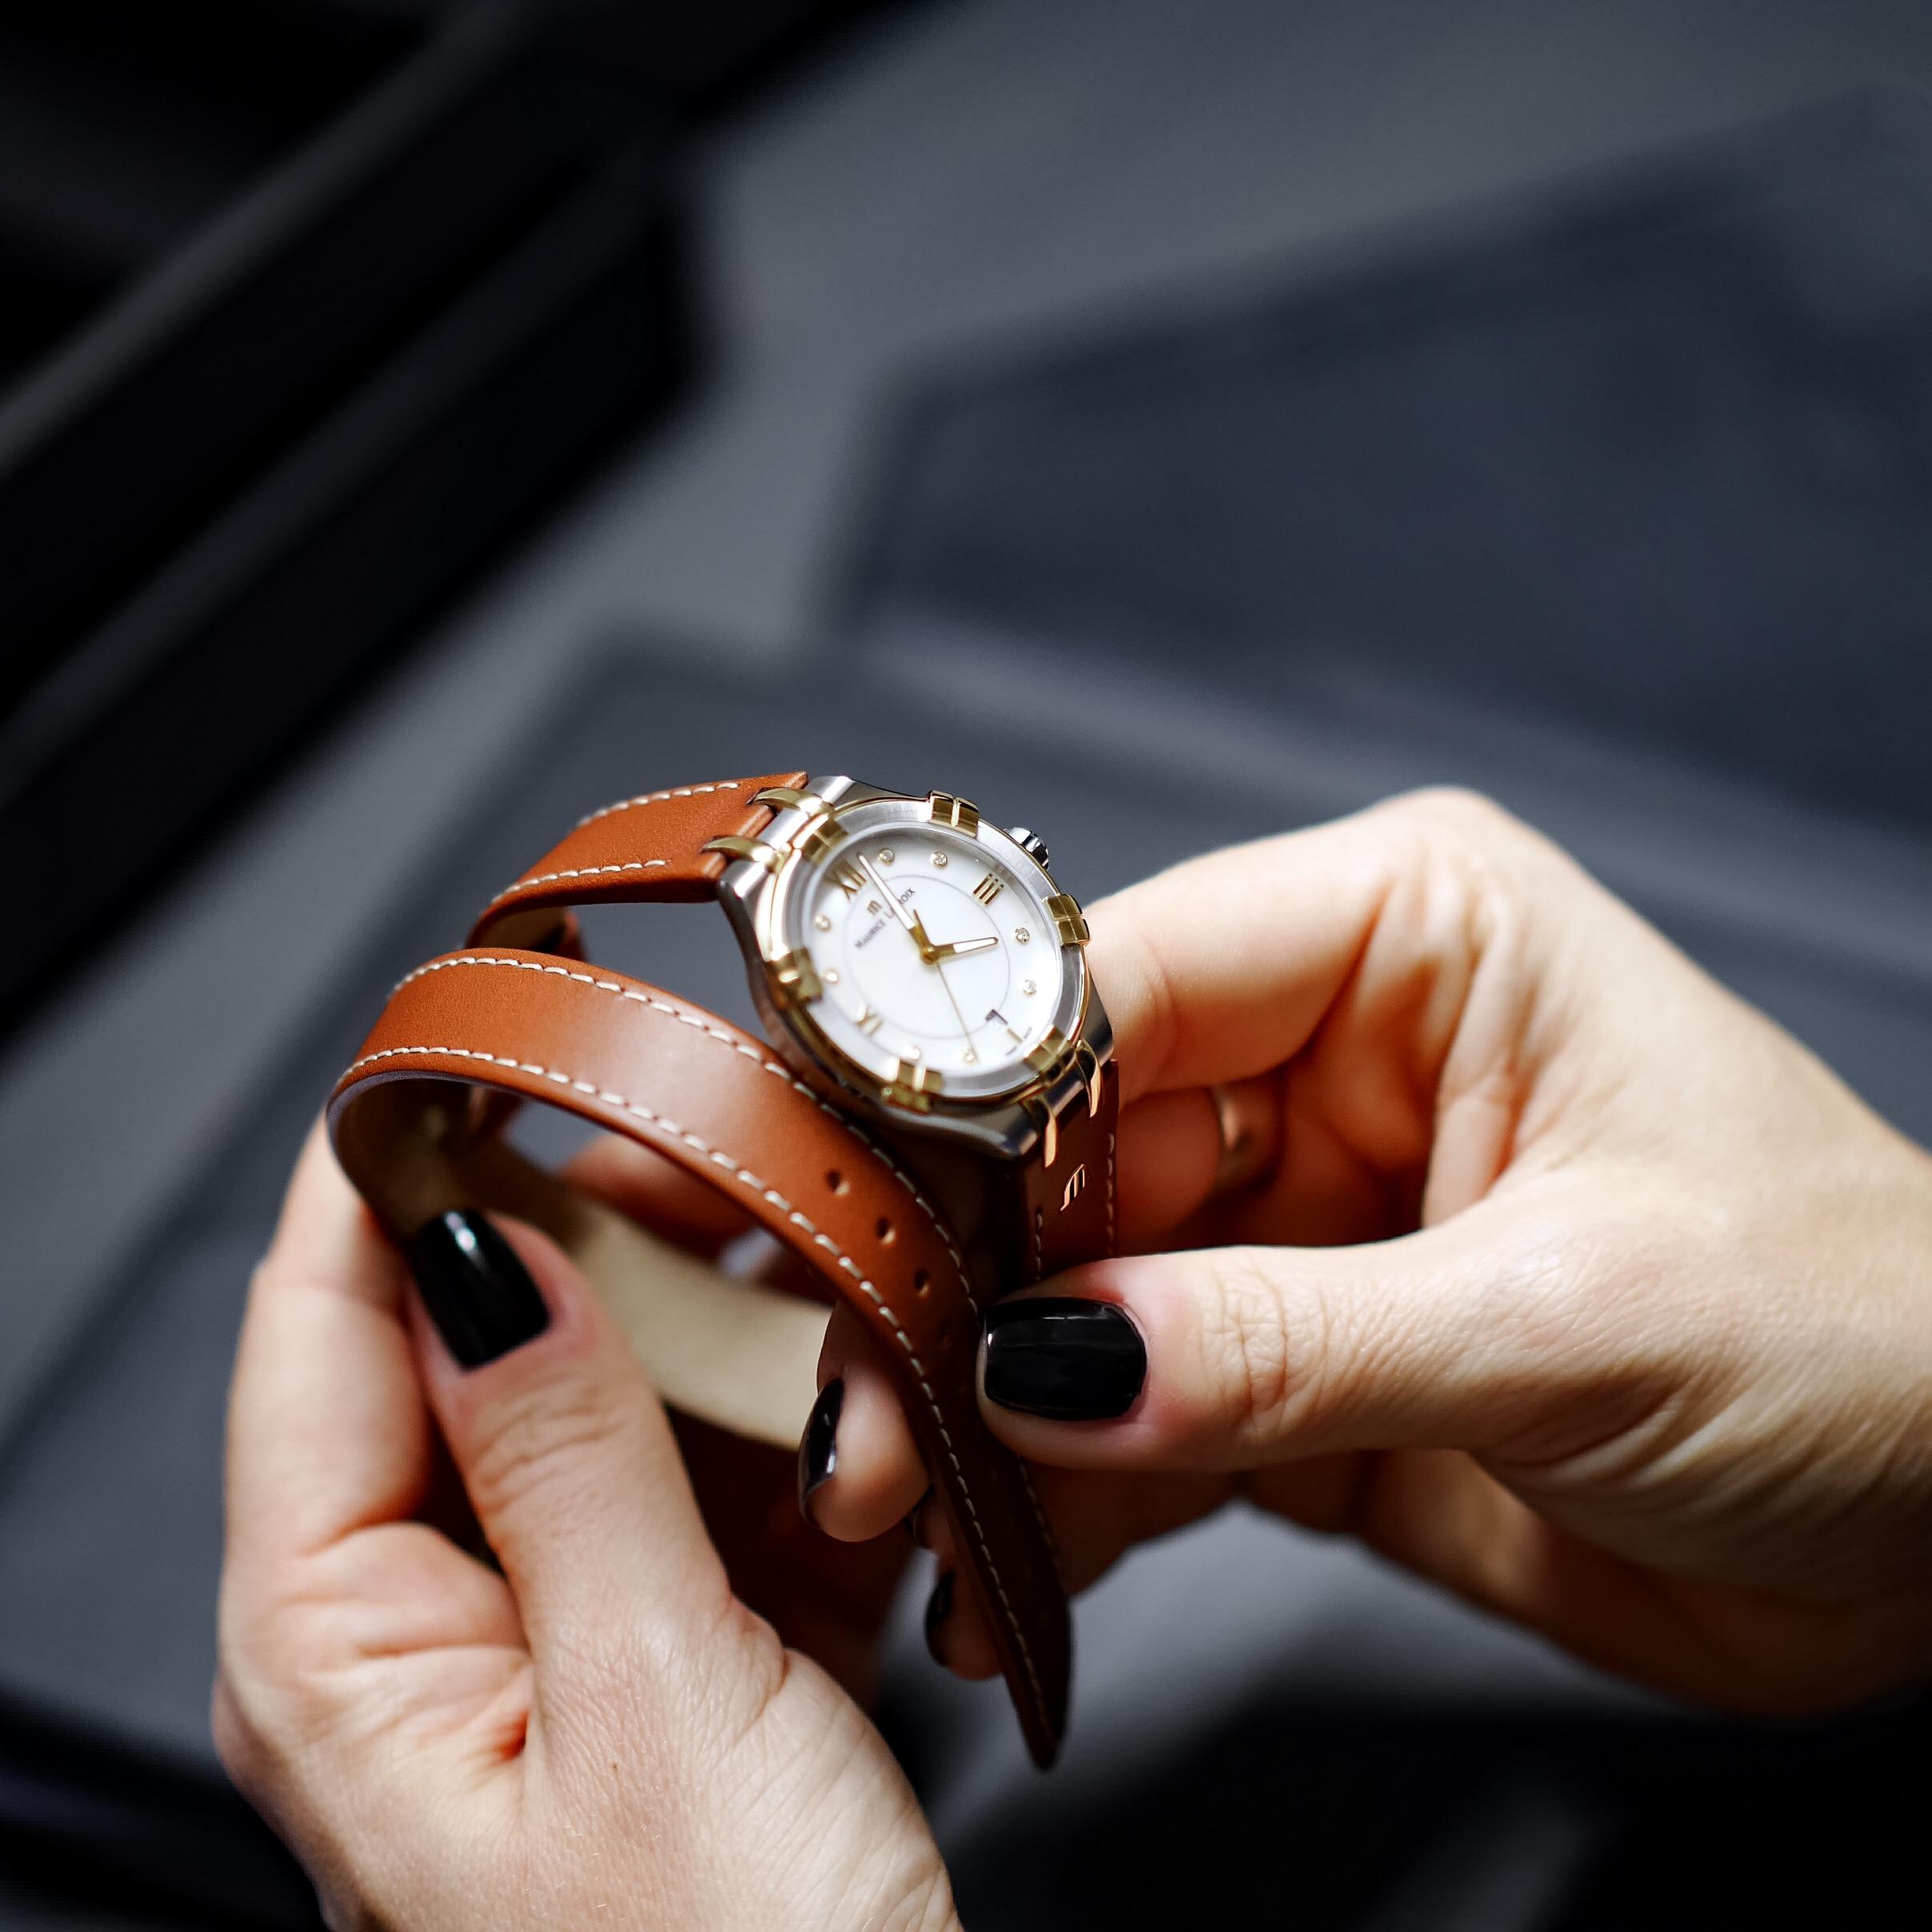 Montre Maurice Lacroix modèle Aikon bracelet double